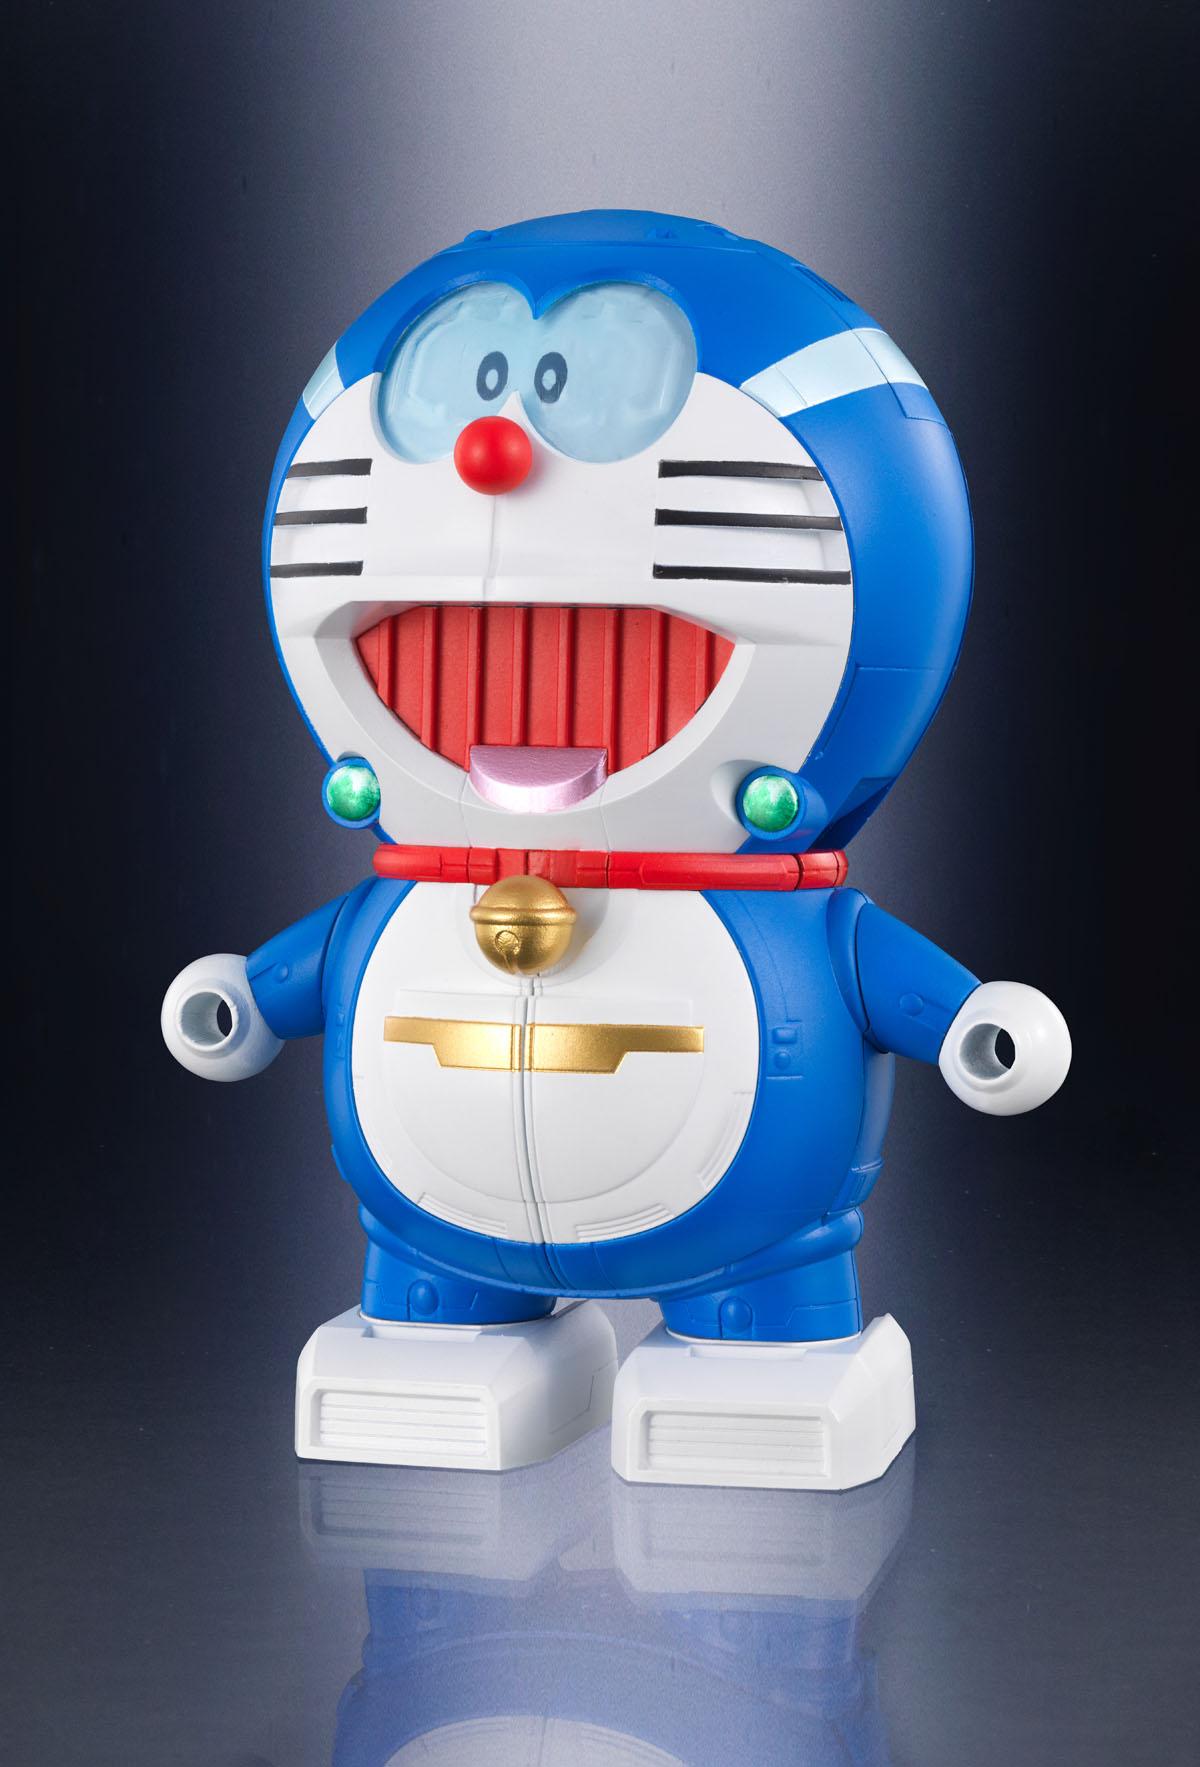 """「ドラえもんロボット」。口やお腹のアレンジは、""""巨大ロボット""""を意識したもの"""